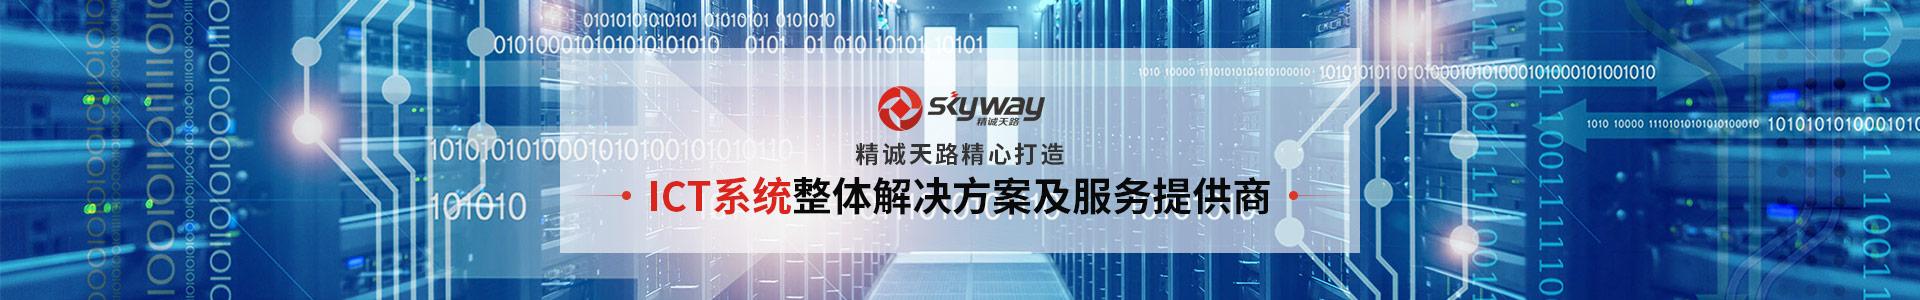 精诚天路:ICT系统整体解决方案及服务提供商